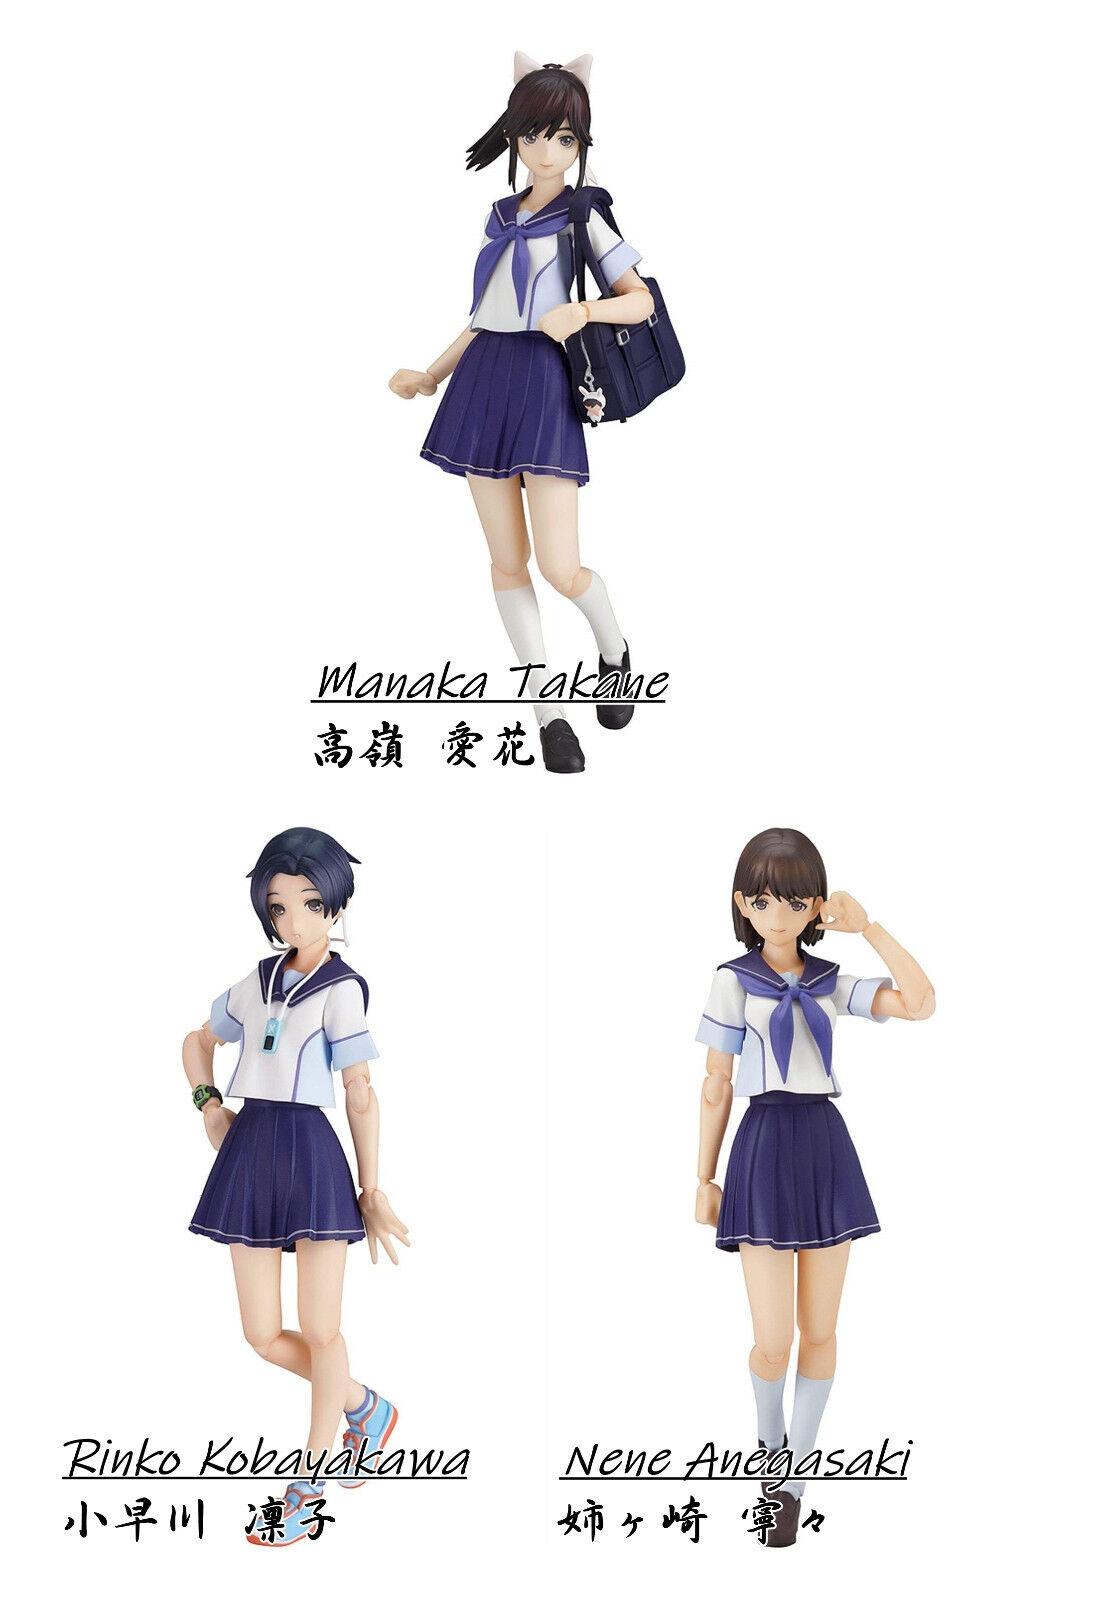 Figma LovePlus + action MaxFactory Manaka Takane Rinko Kobayakawa Nene Anegasaki